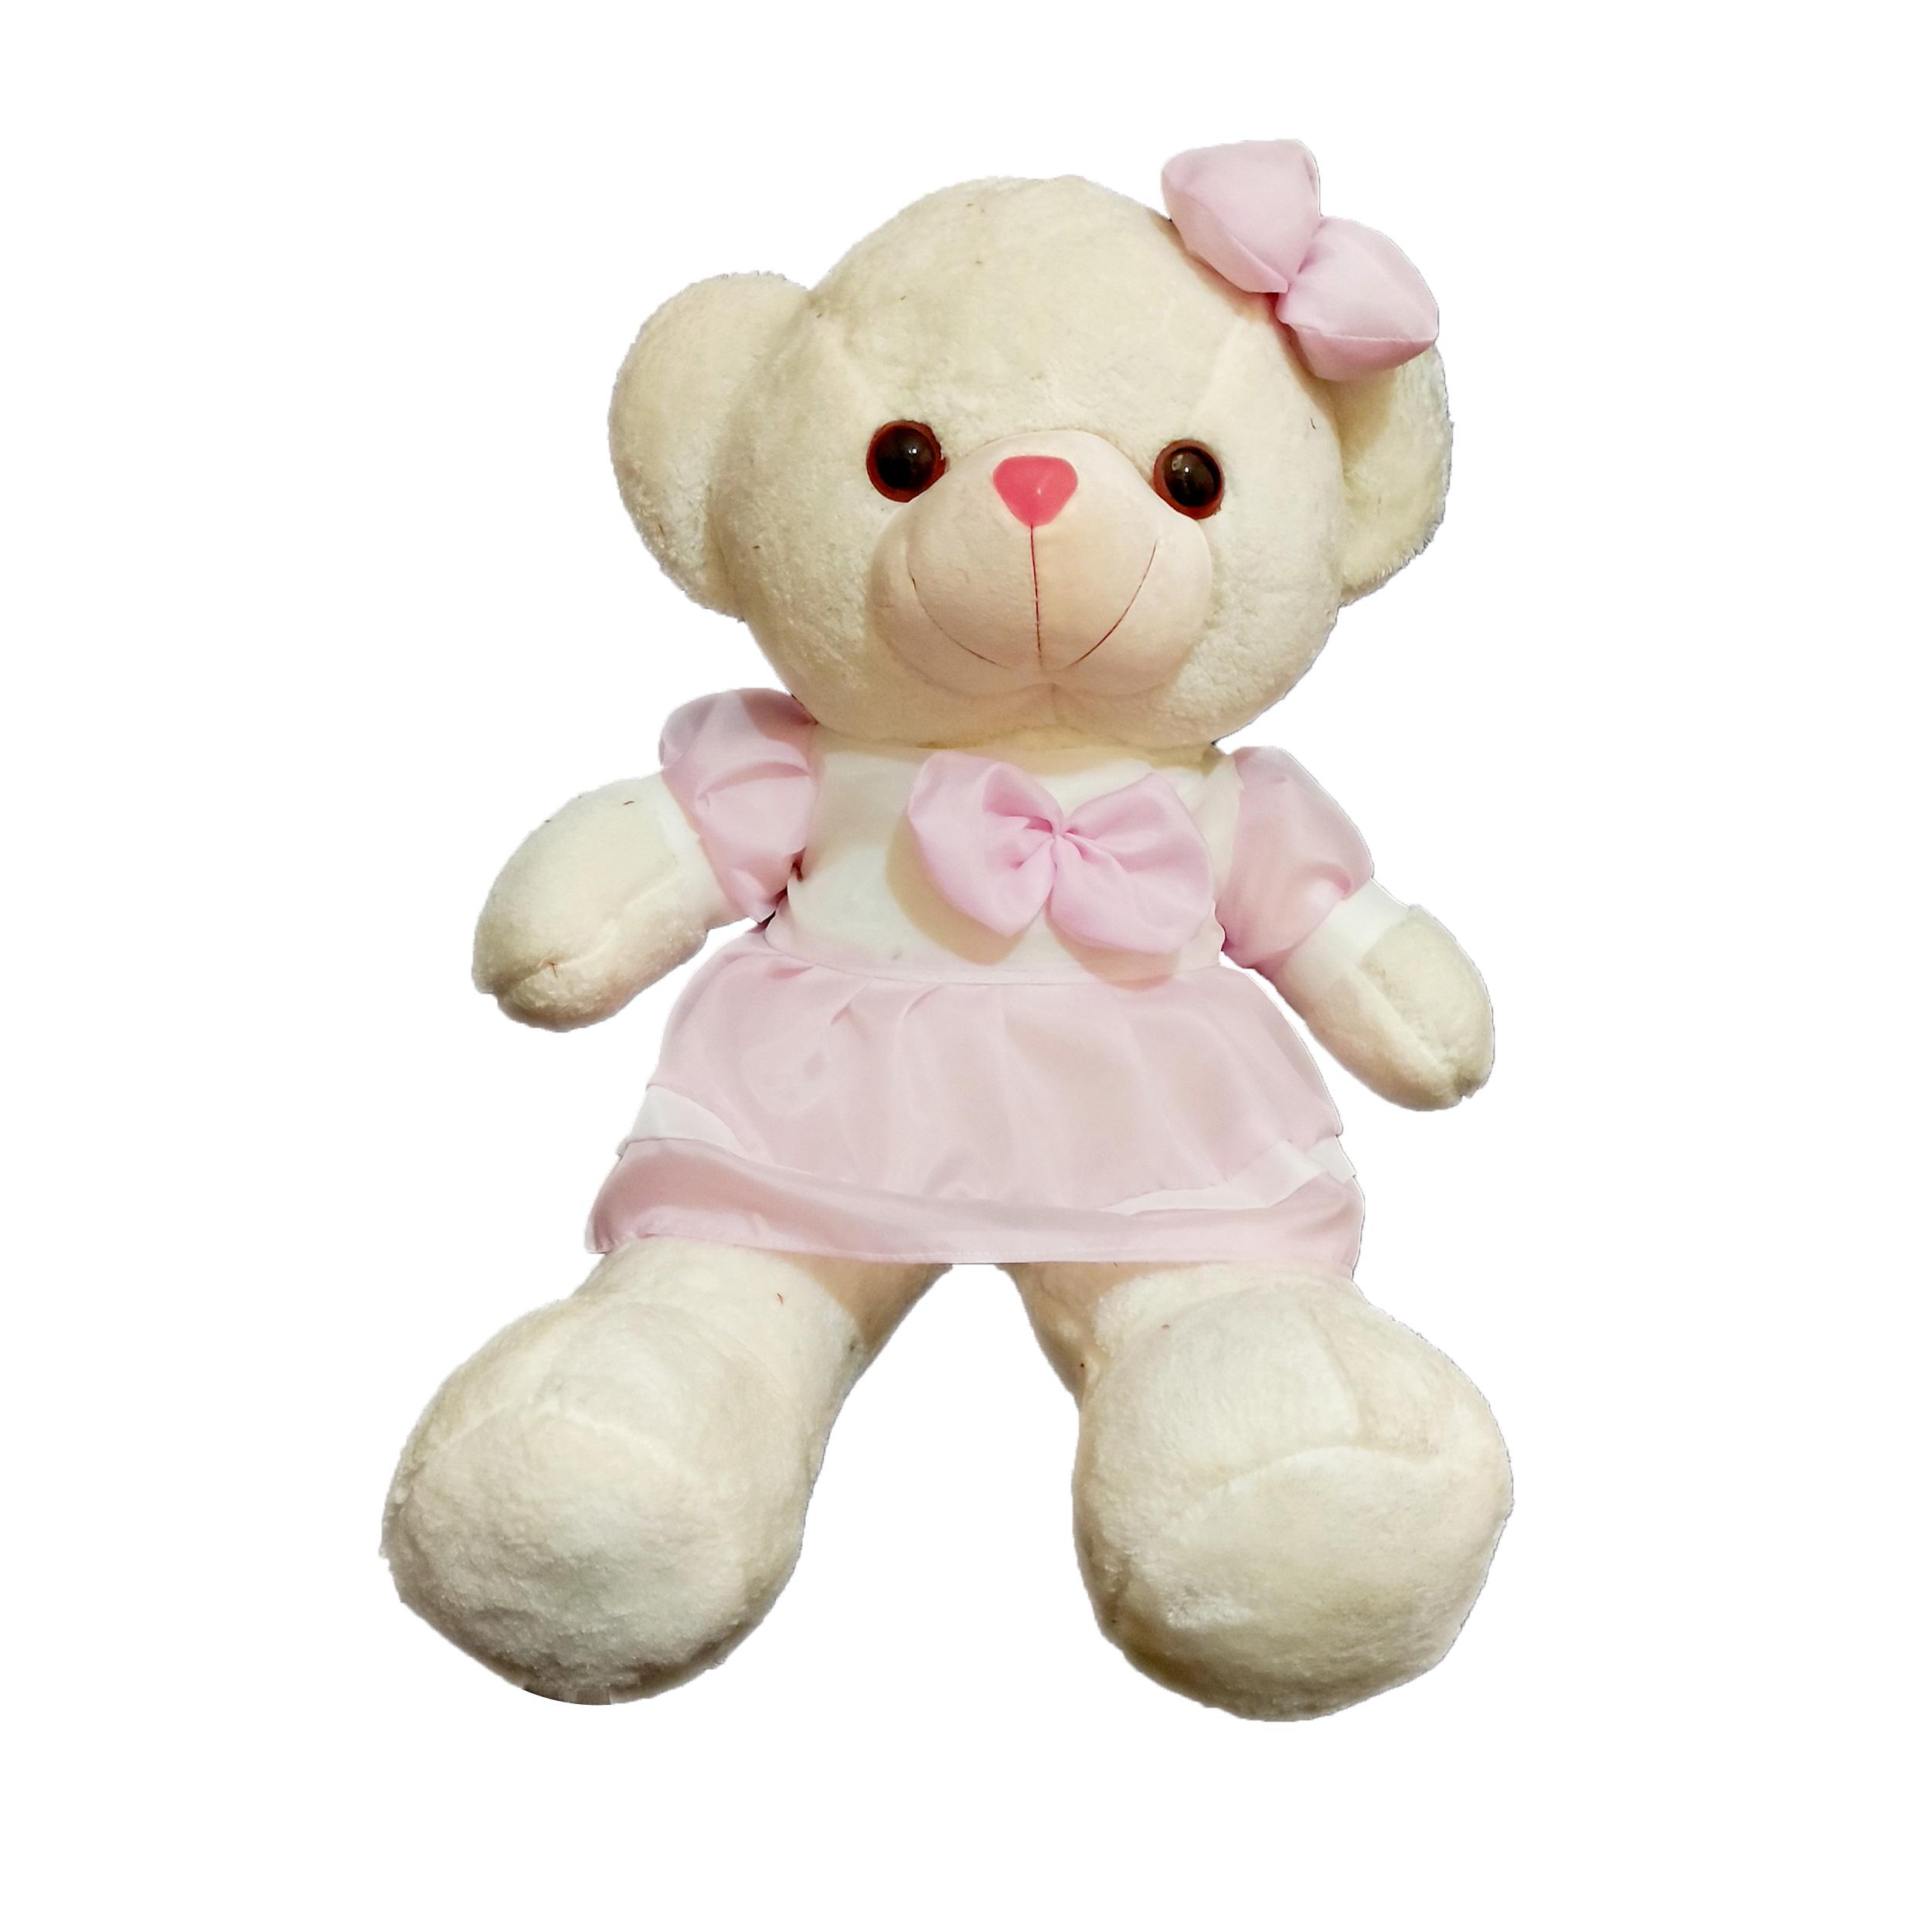 عروسک طرح خرس دختر مدل 80 ارتفاع 80 سانتی متر